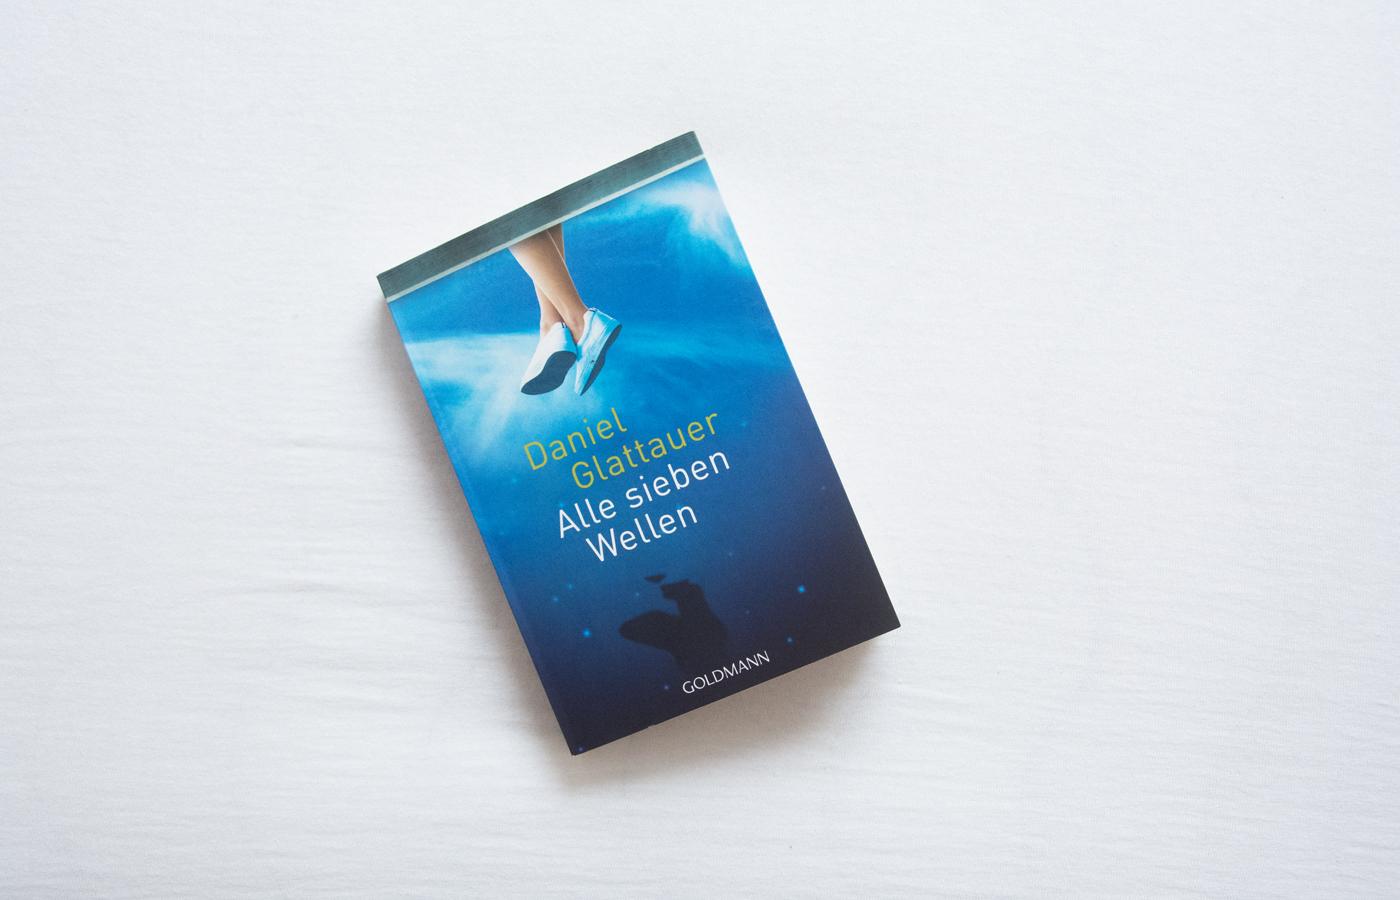 »Alle sieben Wellen« von Daniel Glattauer